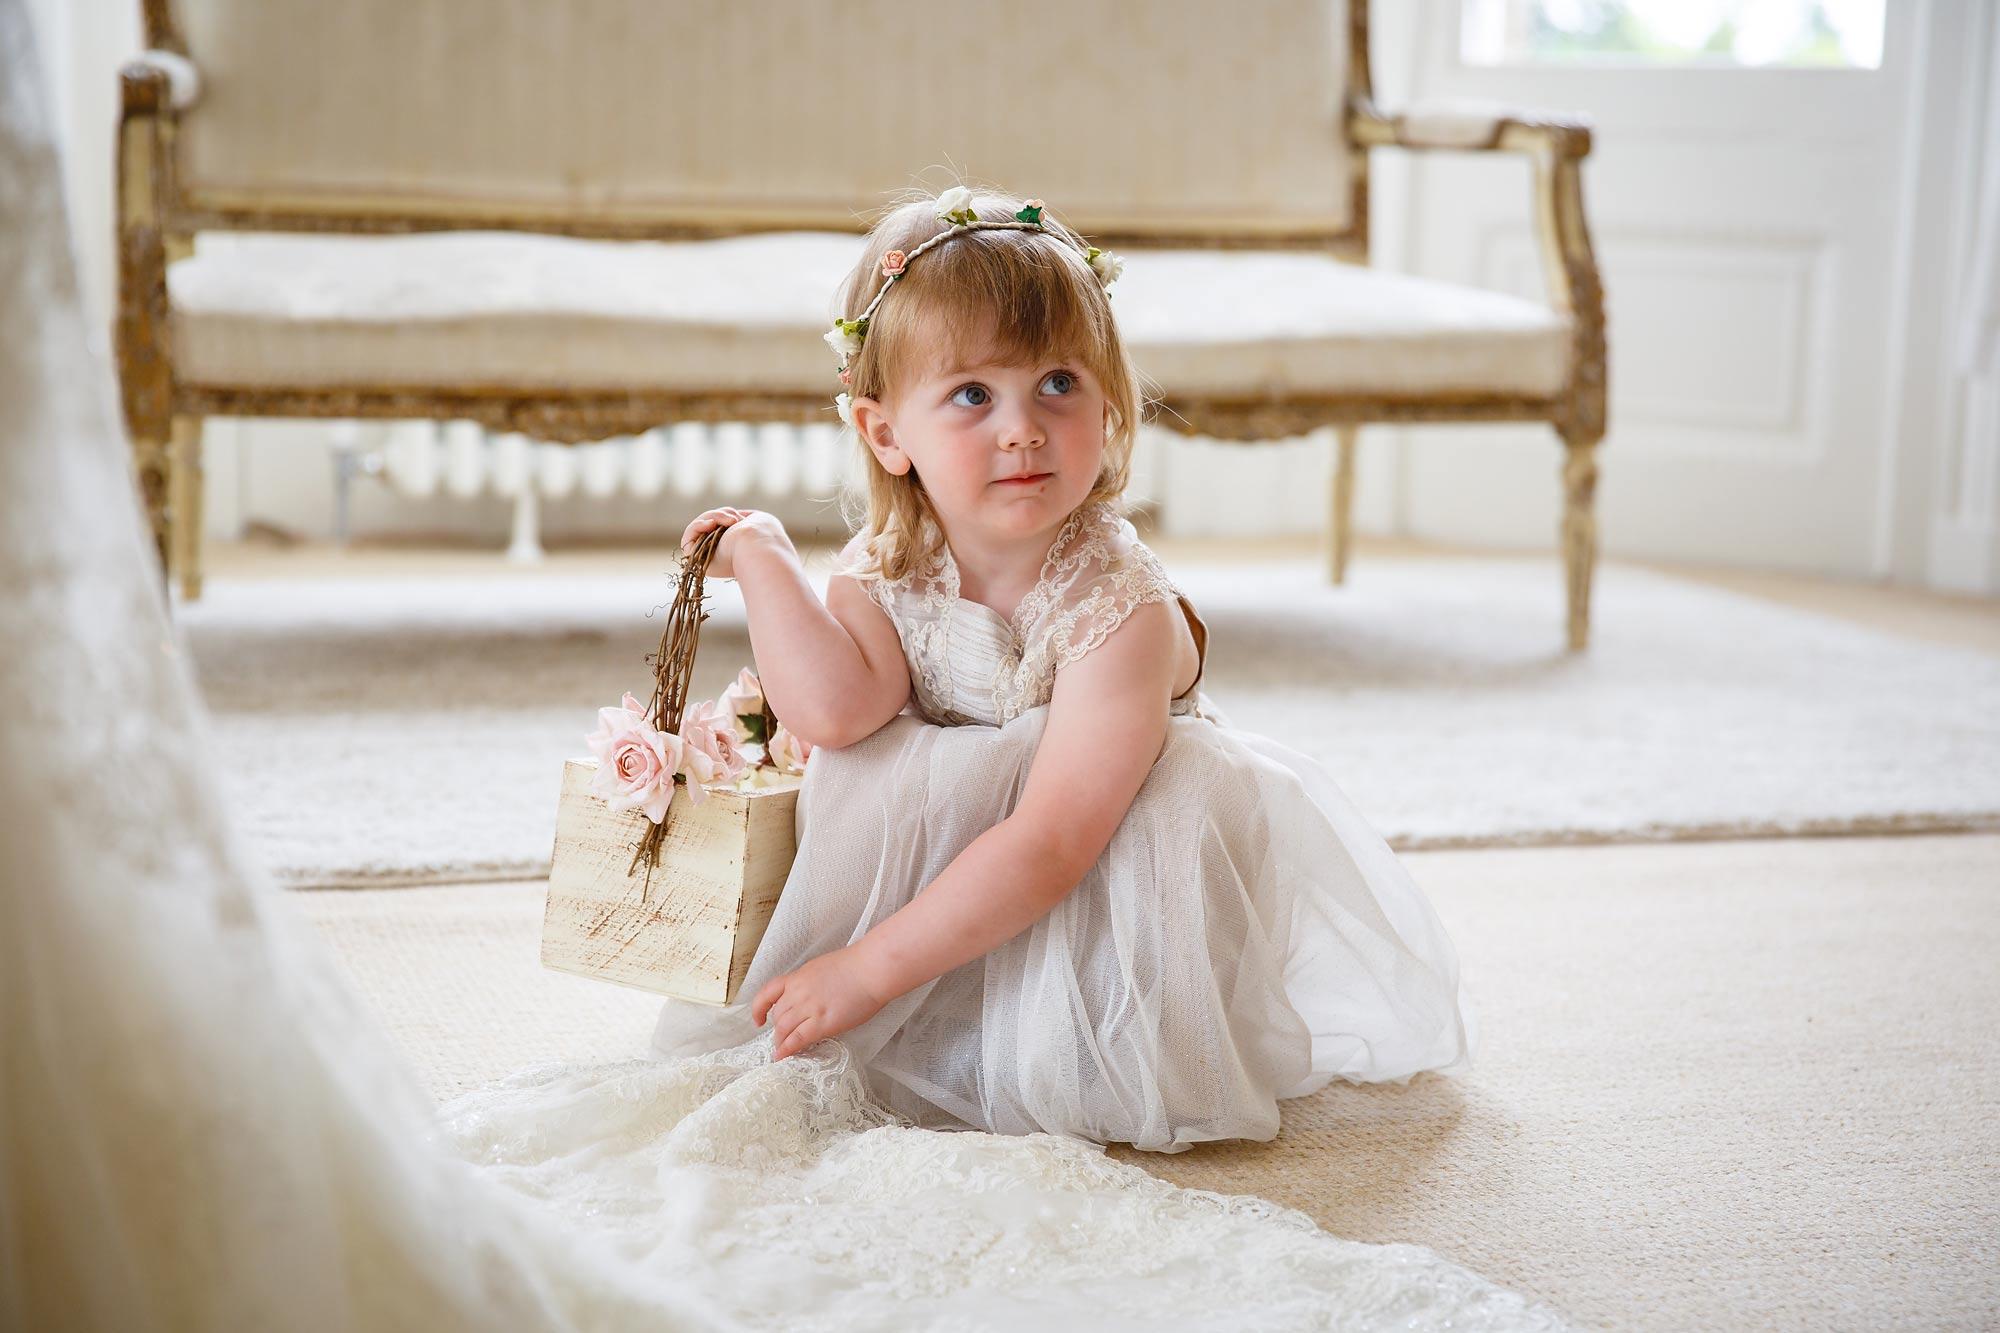 Hedsor House Wedding flower girl